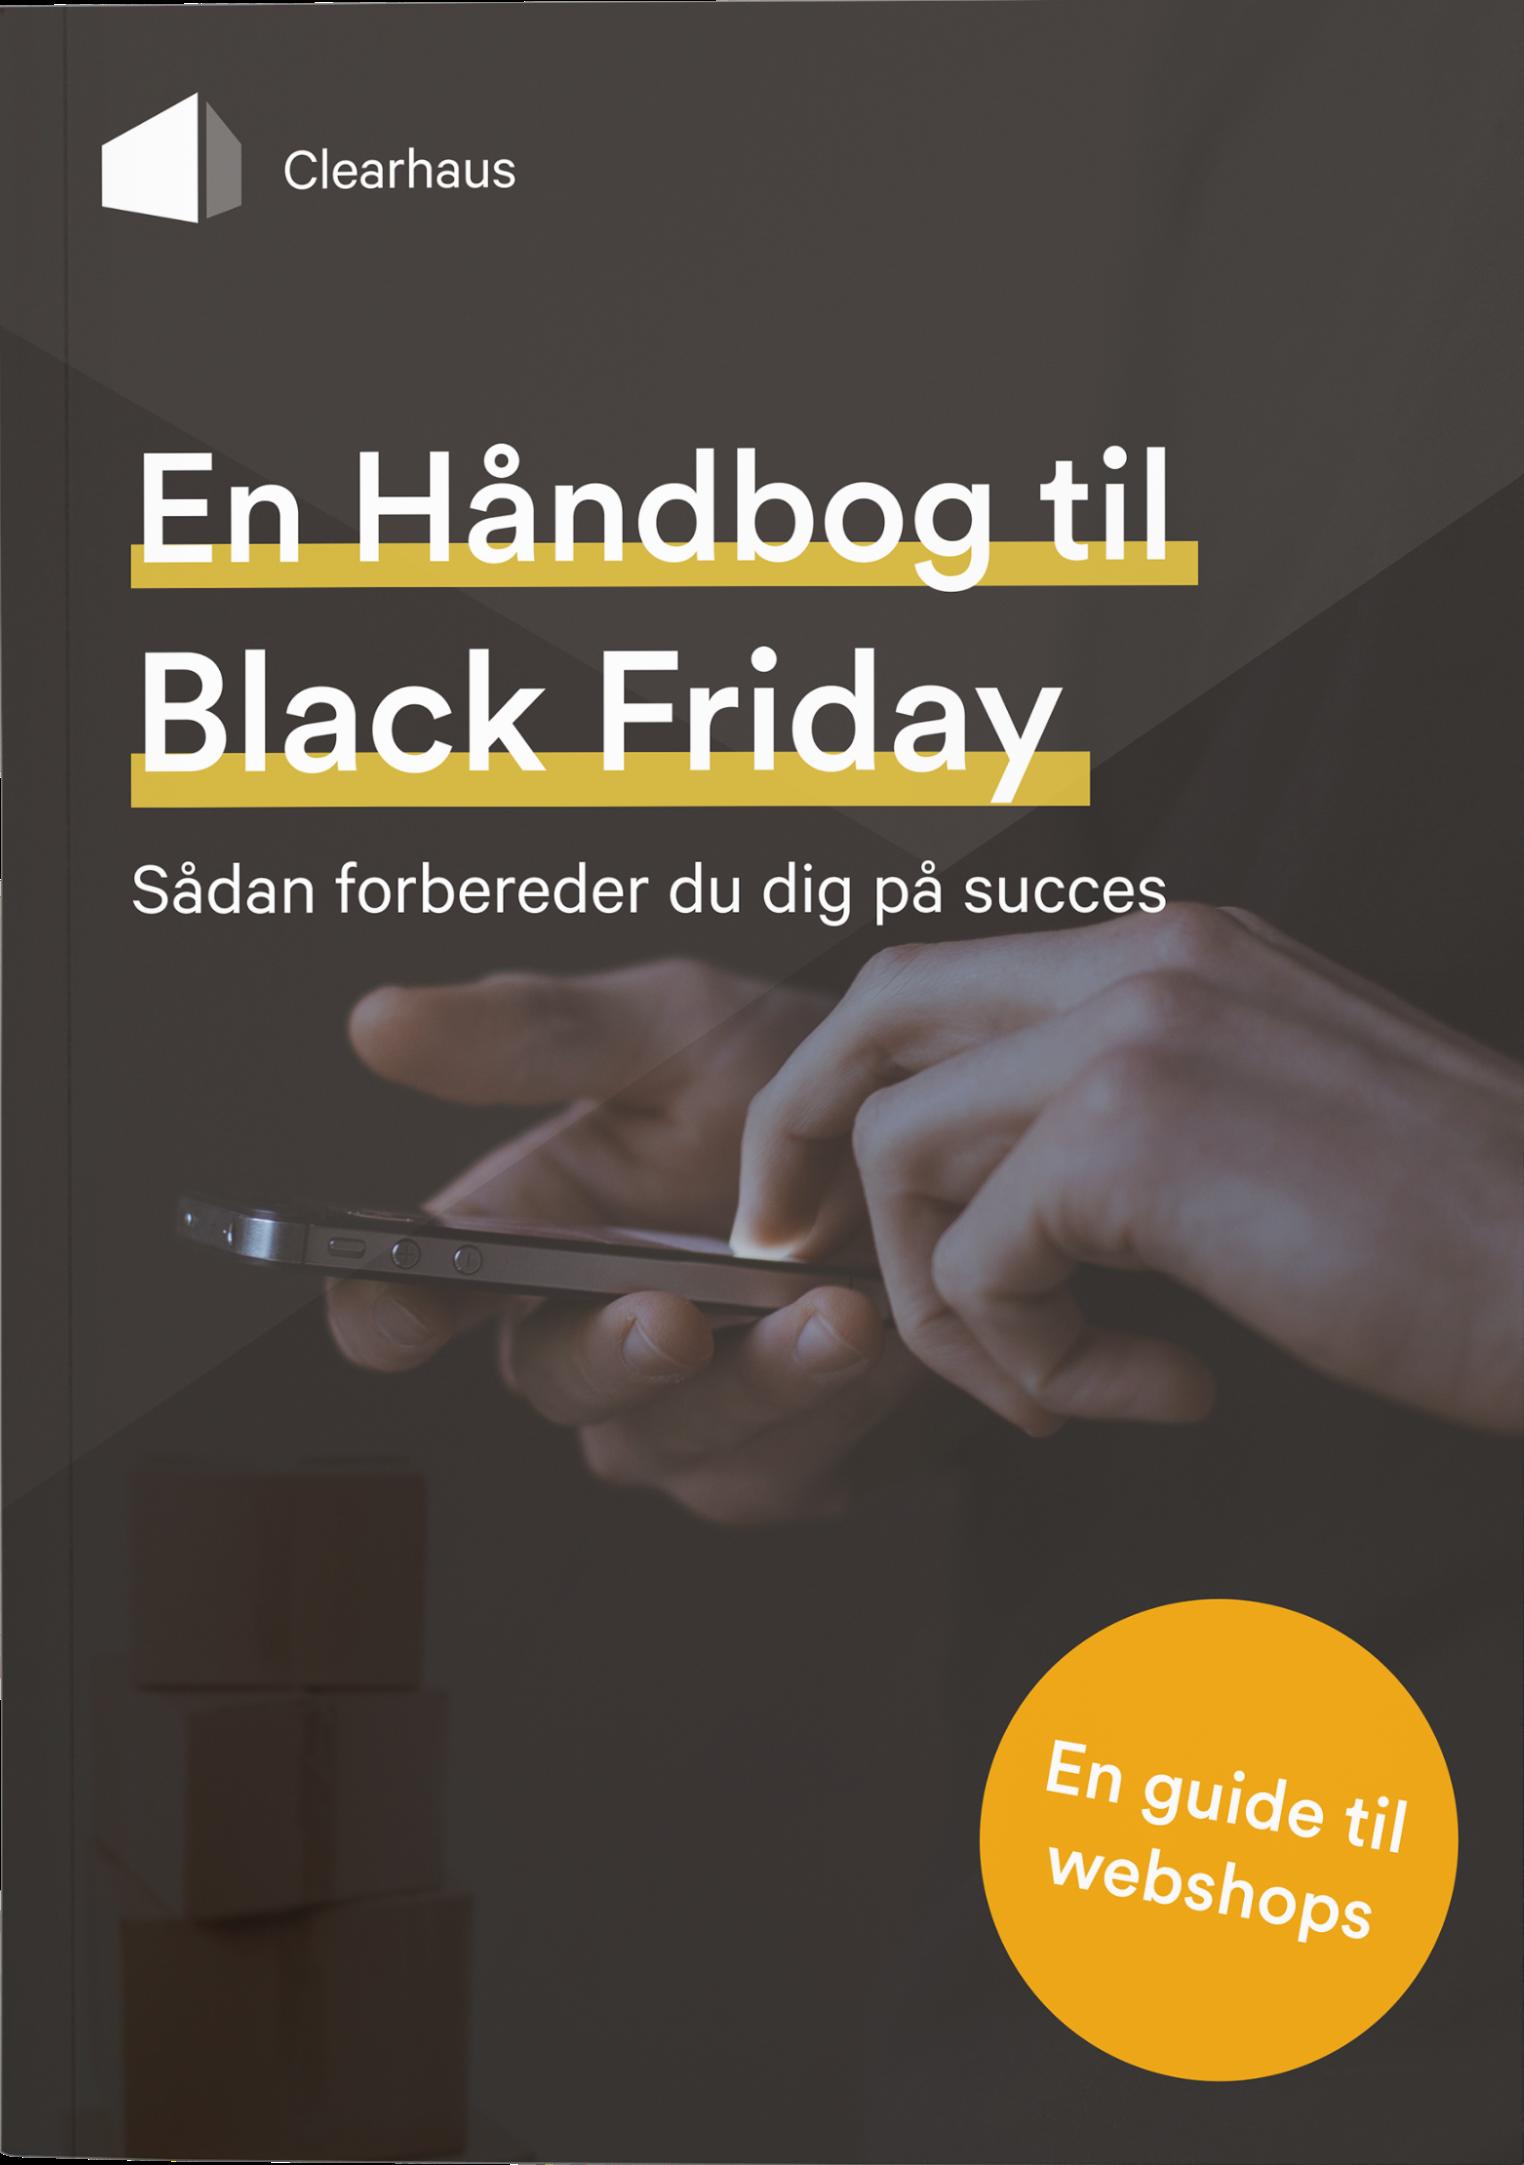 Black Friday handbook mockup DK